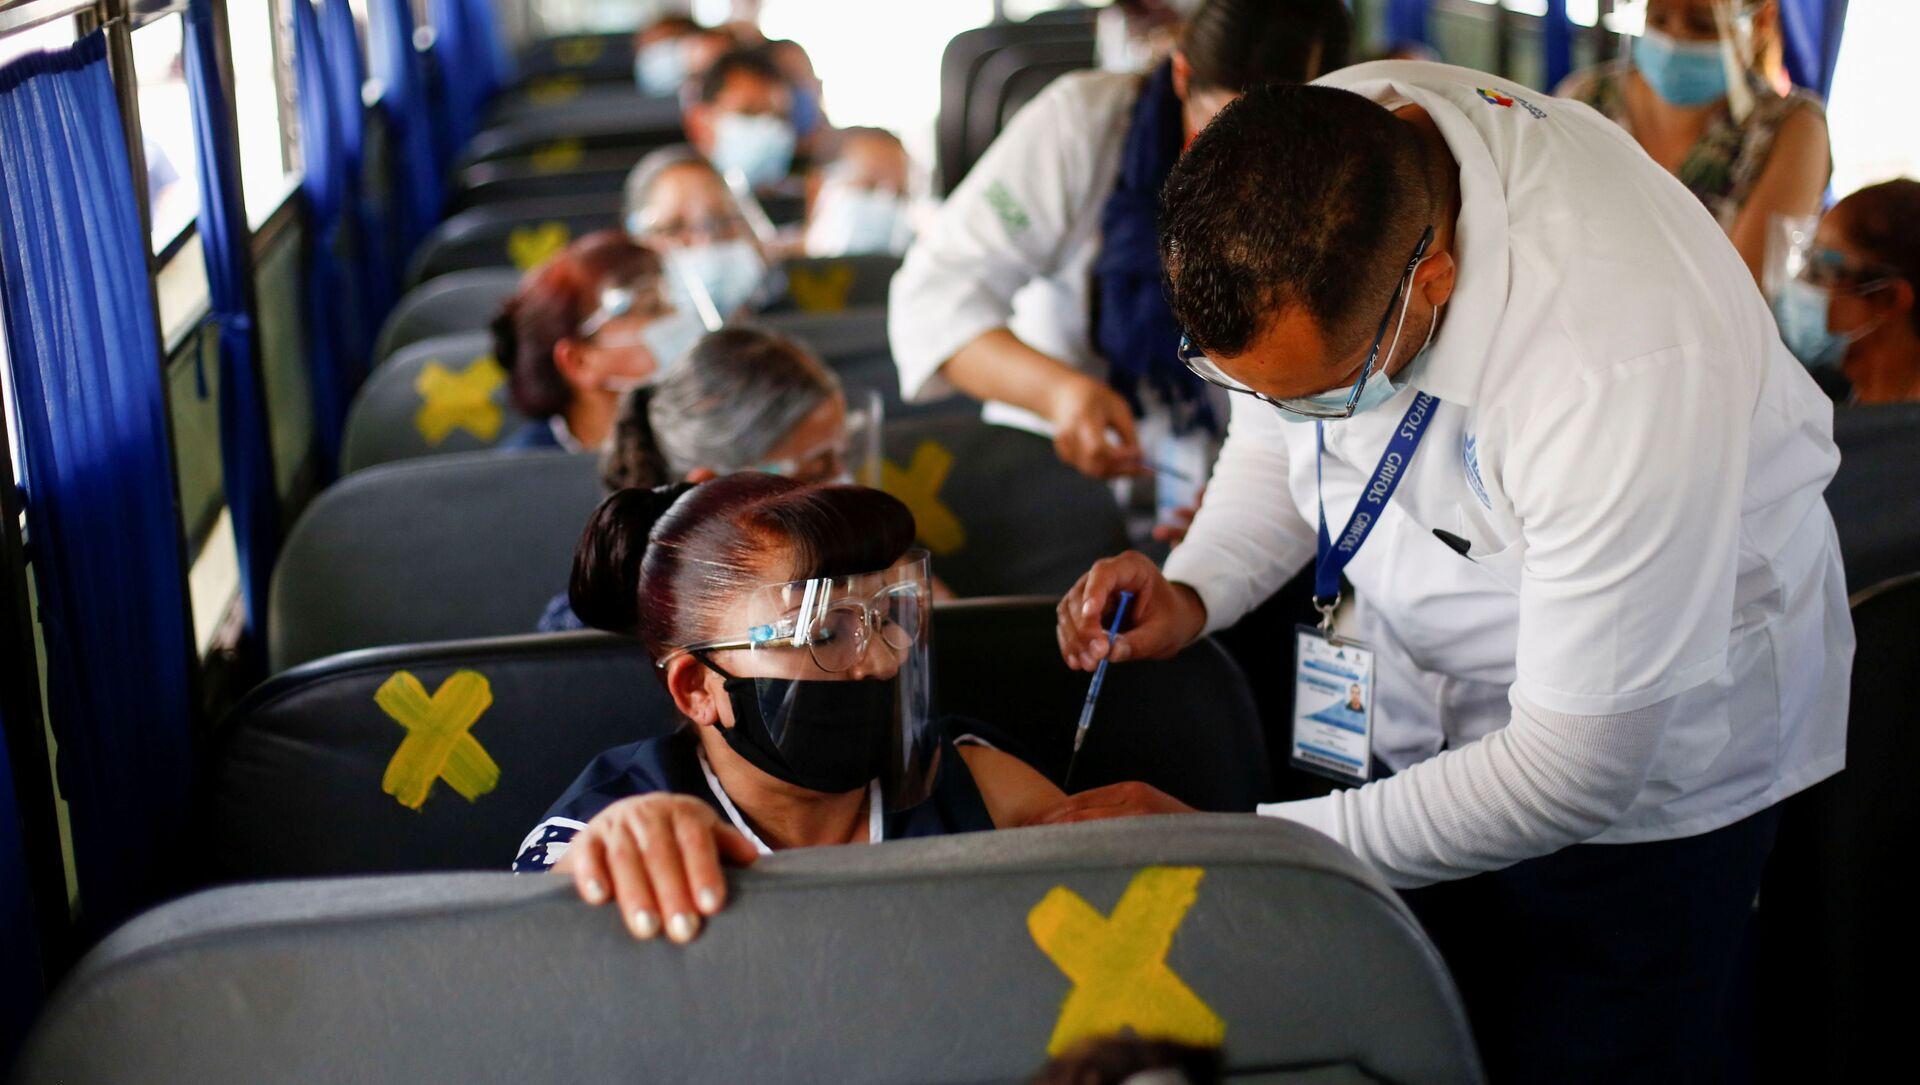 Các nhân viên được tiêm liều vắc xin Pfizer-BioNTech ngừa COVID-19 trên xe buýt ở Mexico - Sputnik Việt Nam, 1920, 25.07.2021